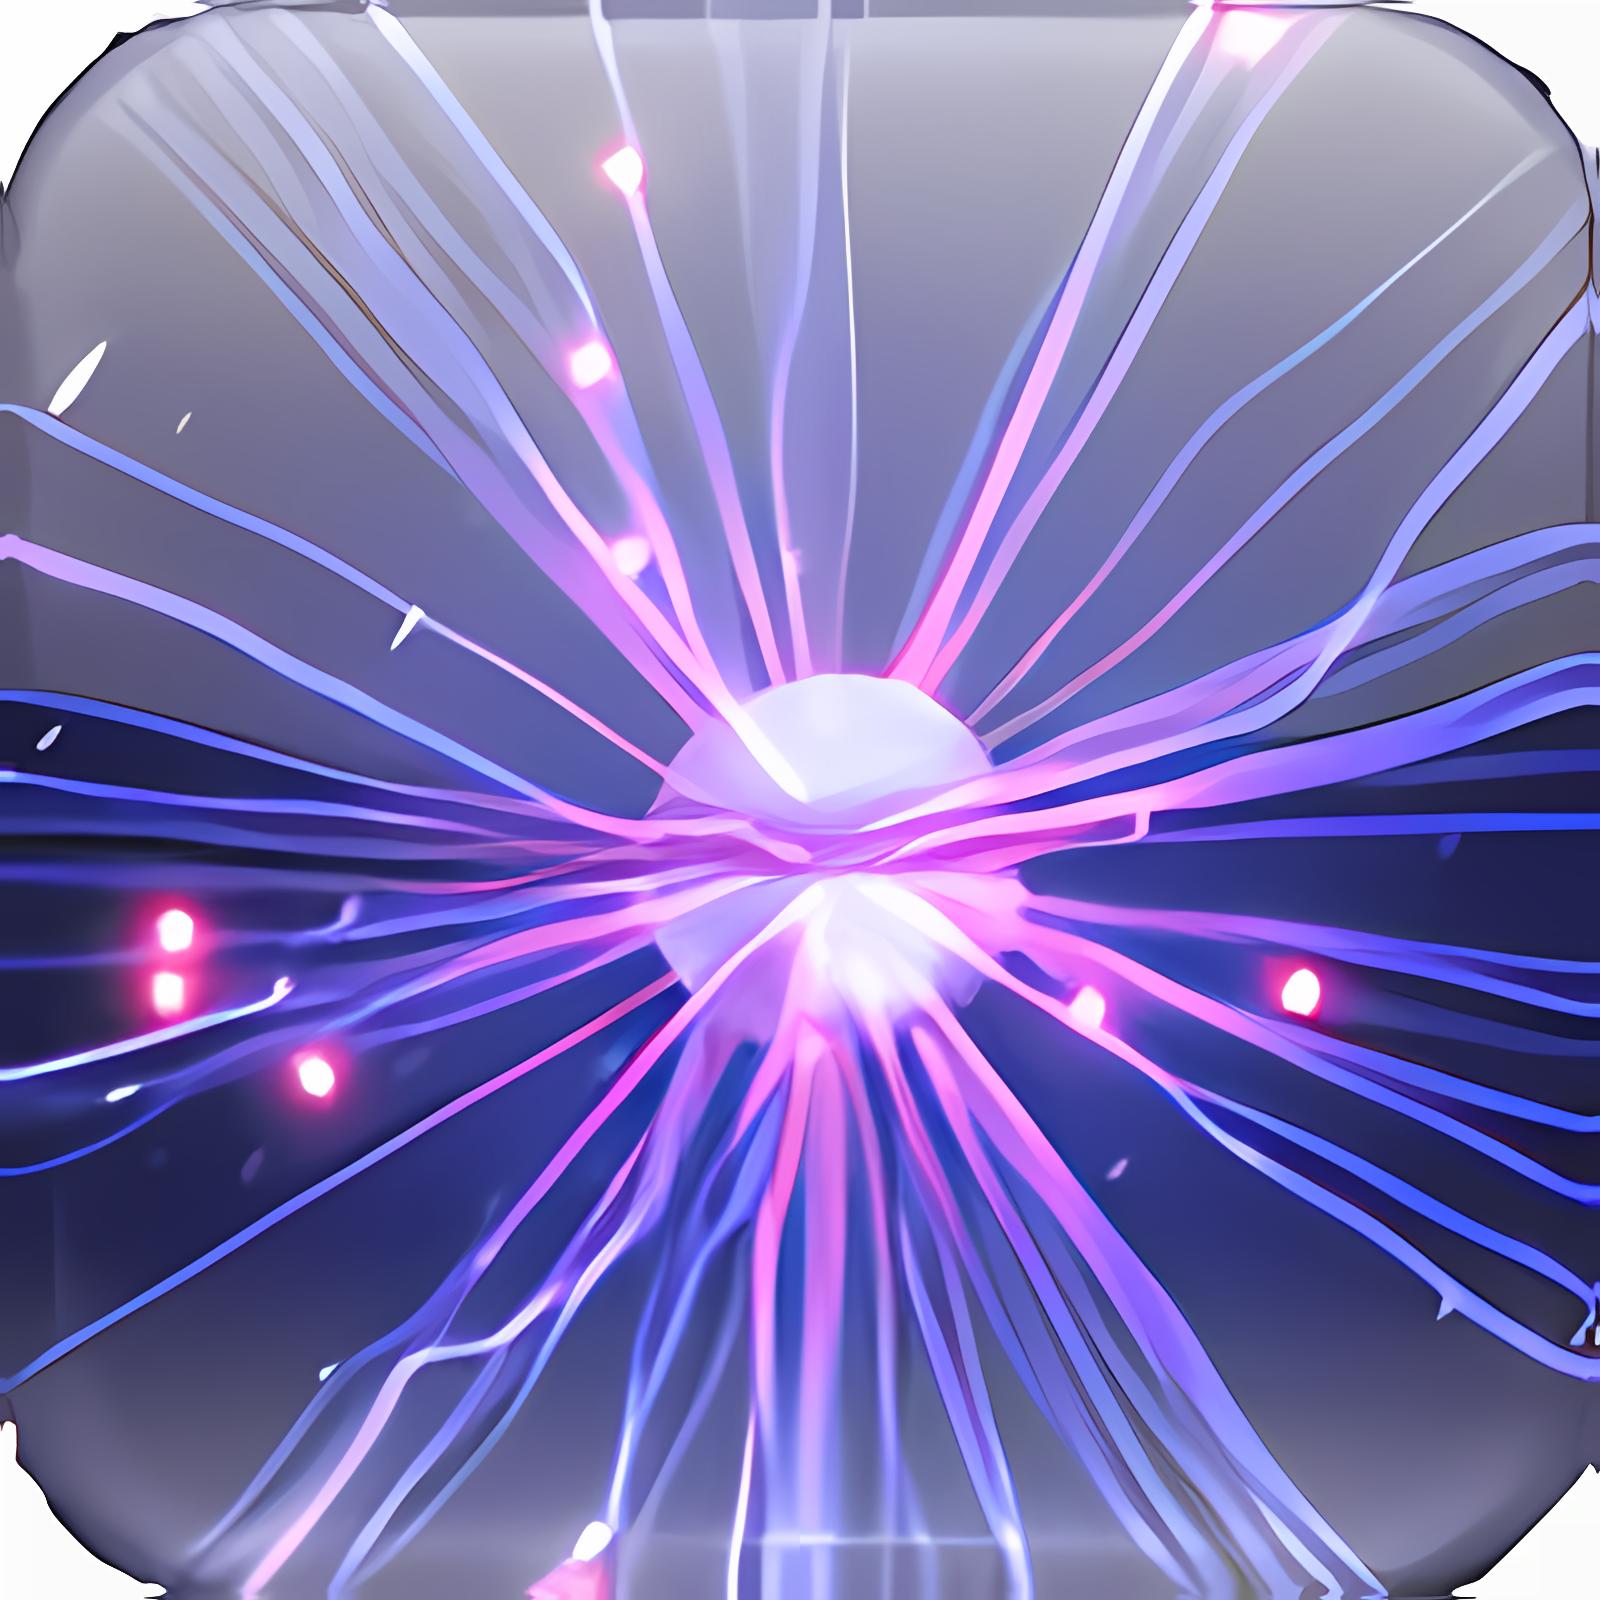 Space Plasma 3D Screensaver 1.5